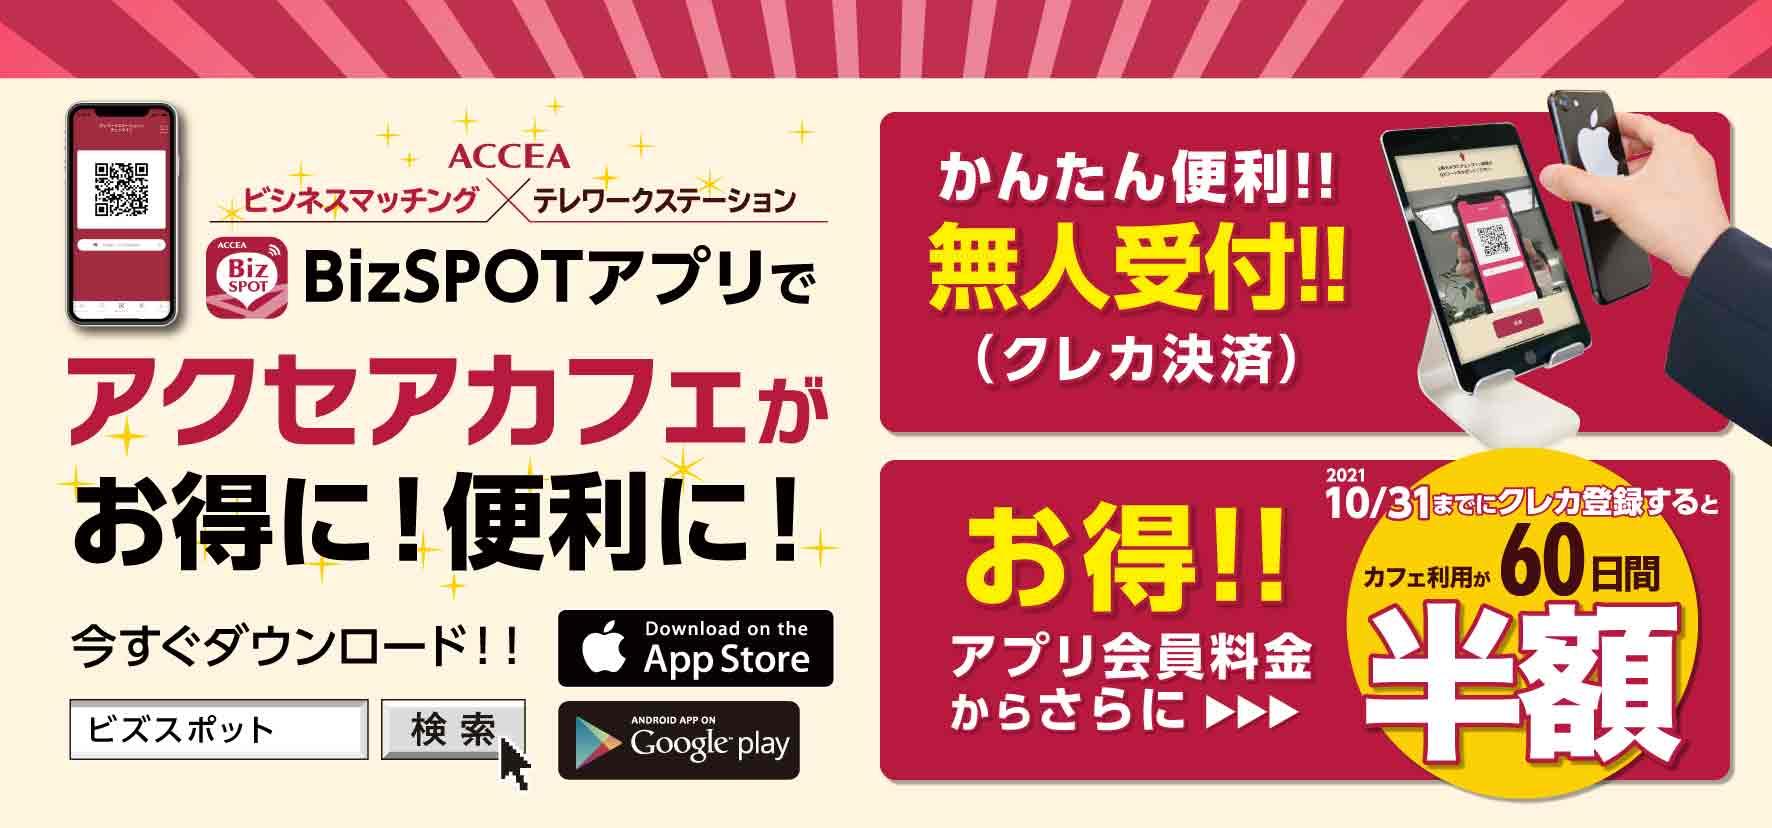 BizSPOTアプリでアクセアカフェがお得に! 便利に!